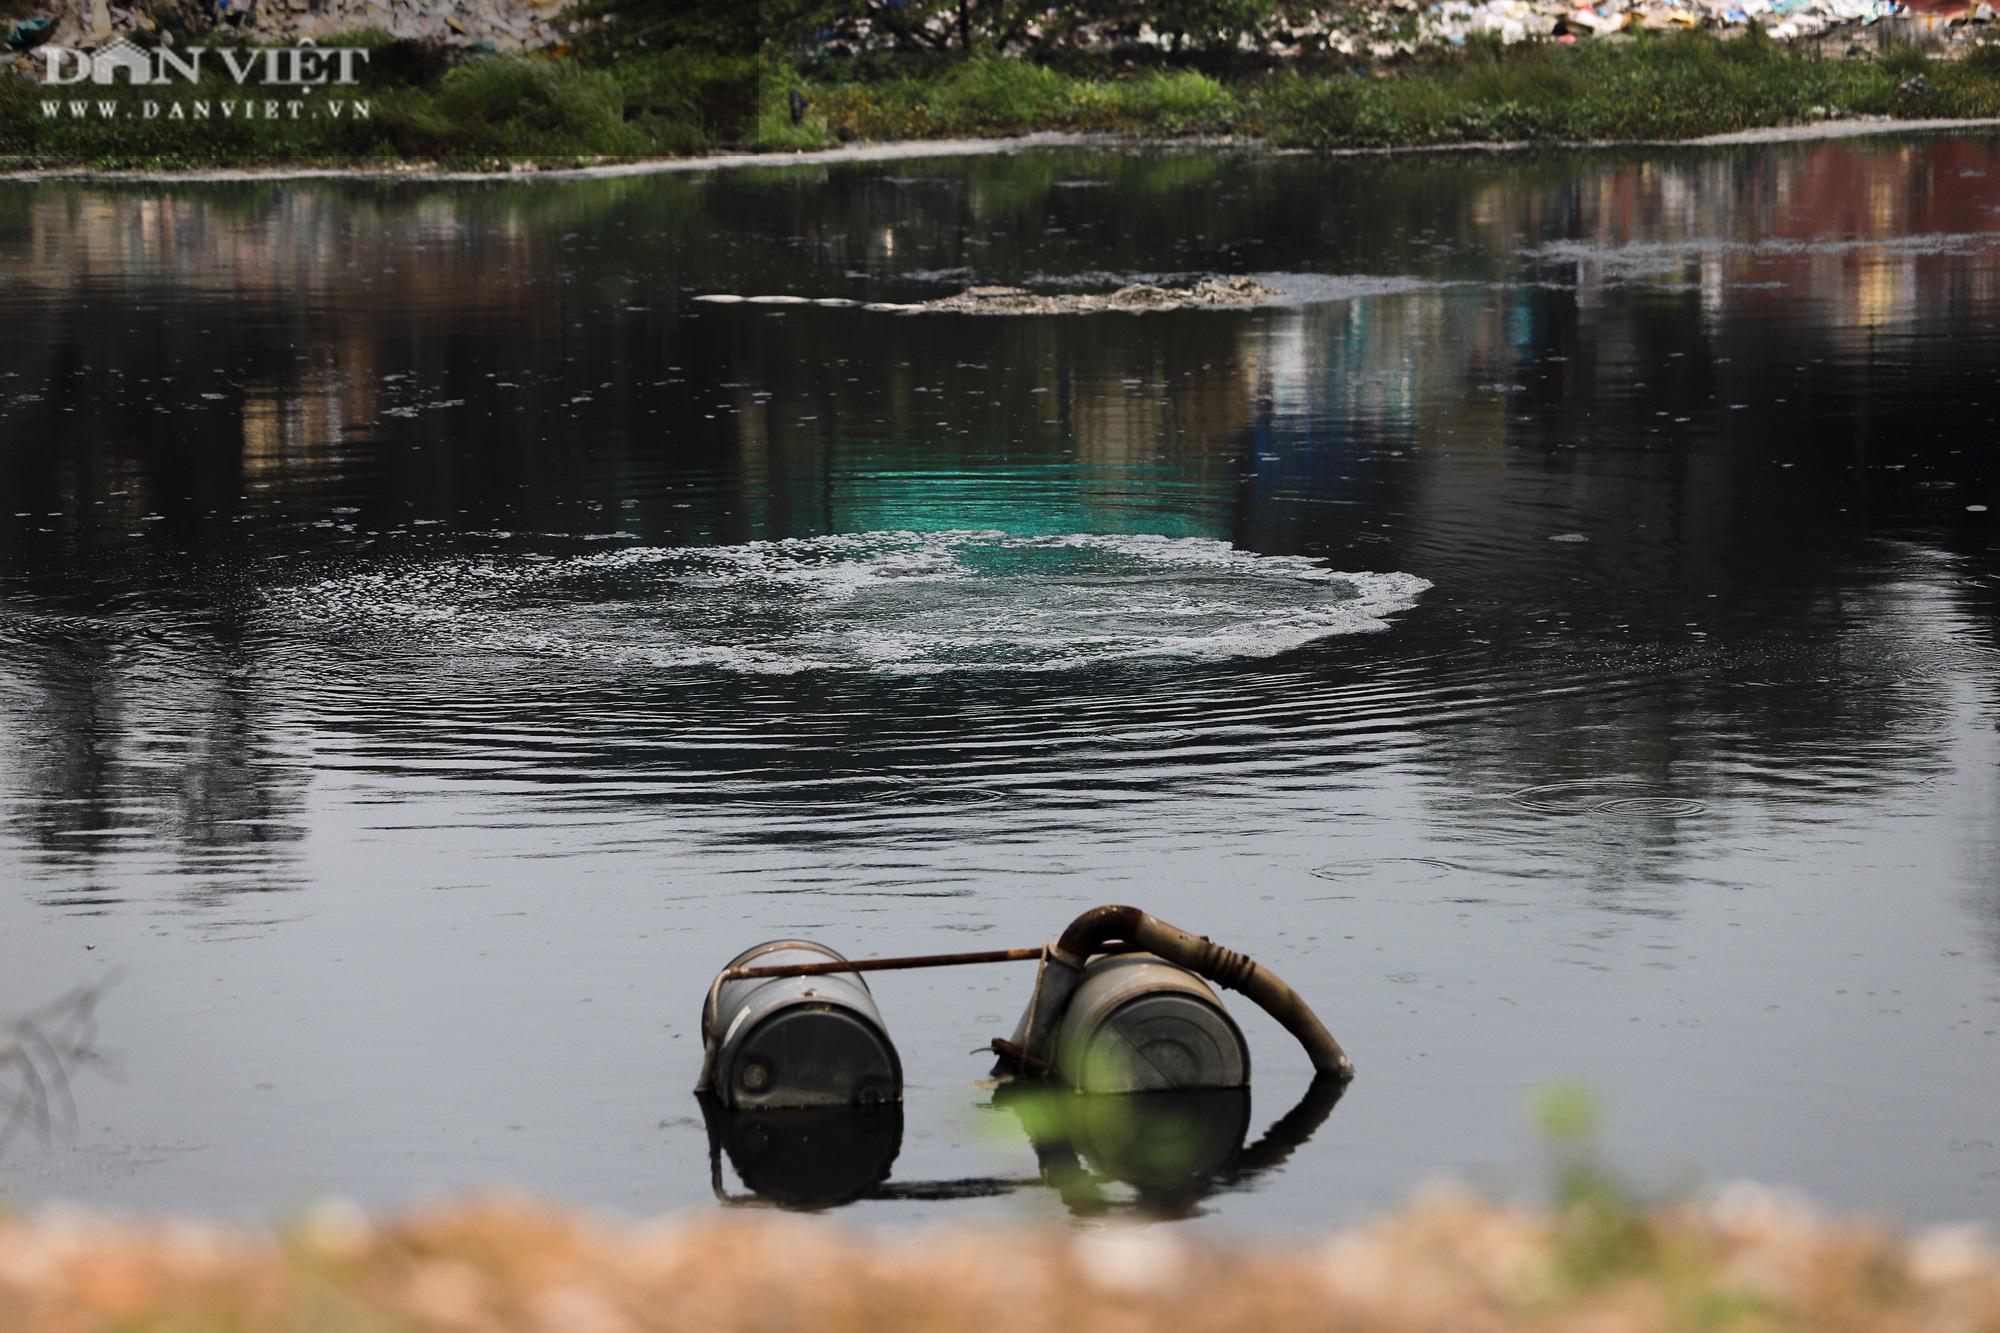 Ám ảnh khủng khiếp ở làng giấy Phú Lâm: Ô nhiễm đến con ruồi cũng không sống nổi, công nhân bán mòn sức - Ảnh 18.